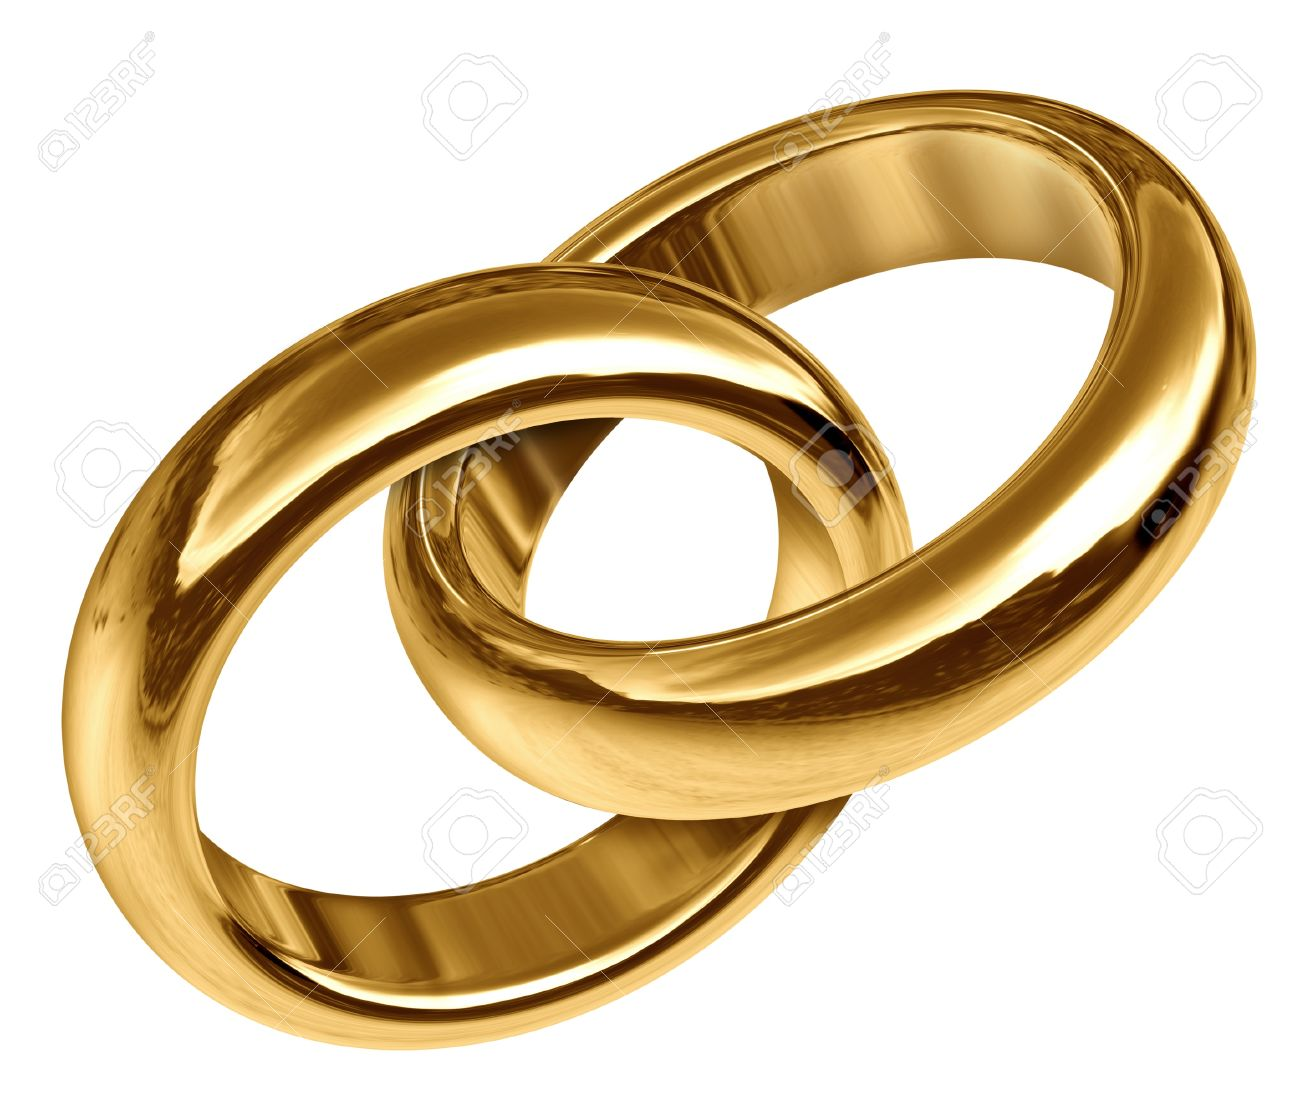 b18ef32a3407 Foto de archivo - Los anillos de boda unidos entre sí que representa el  concepto de amor eterno y el inicio de una nueva vida y de relación.